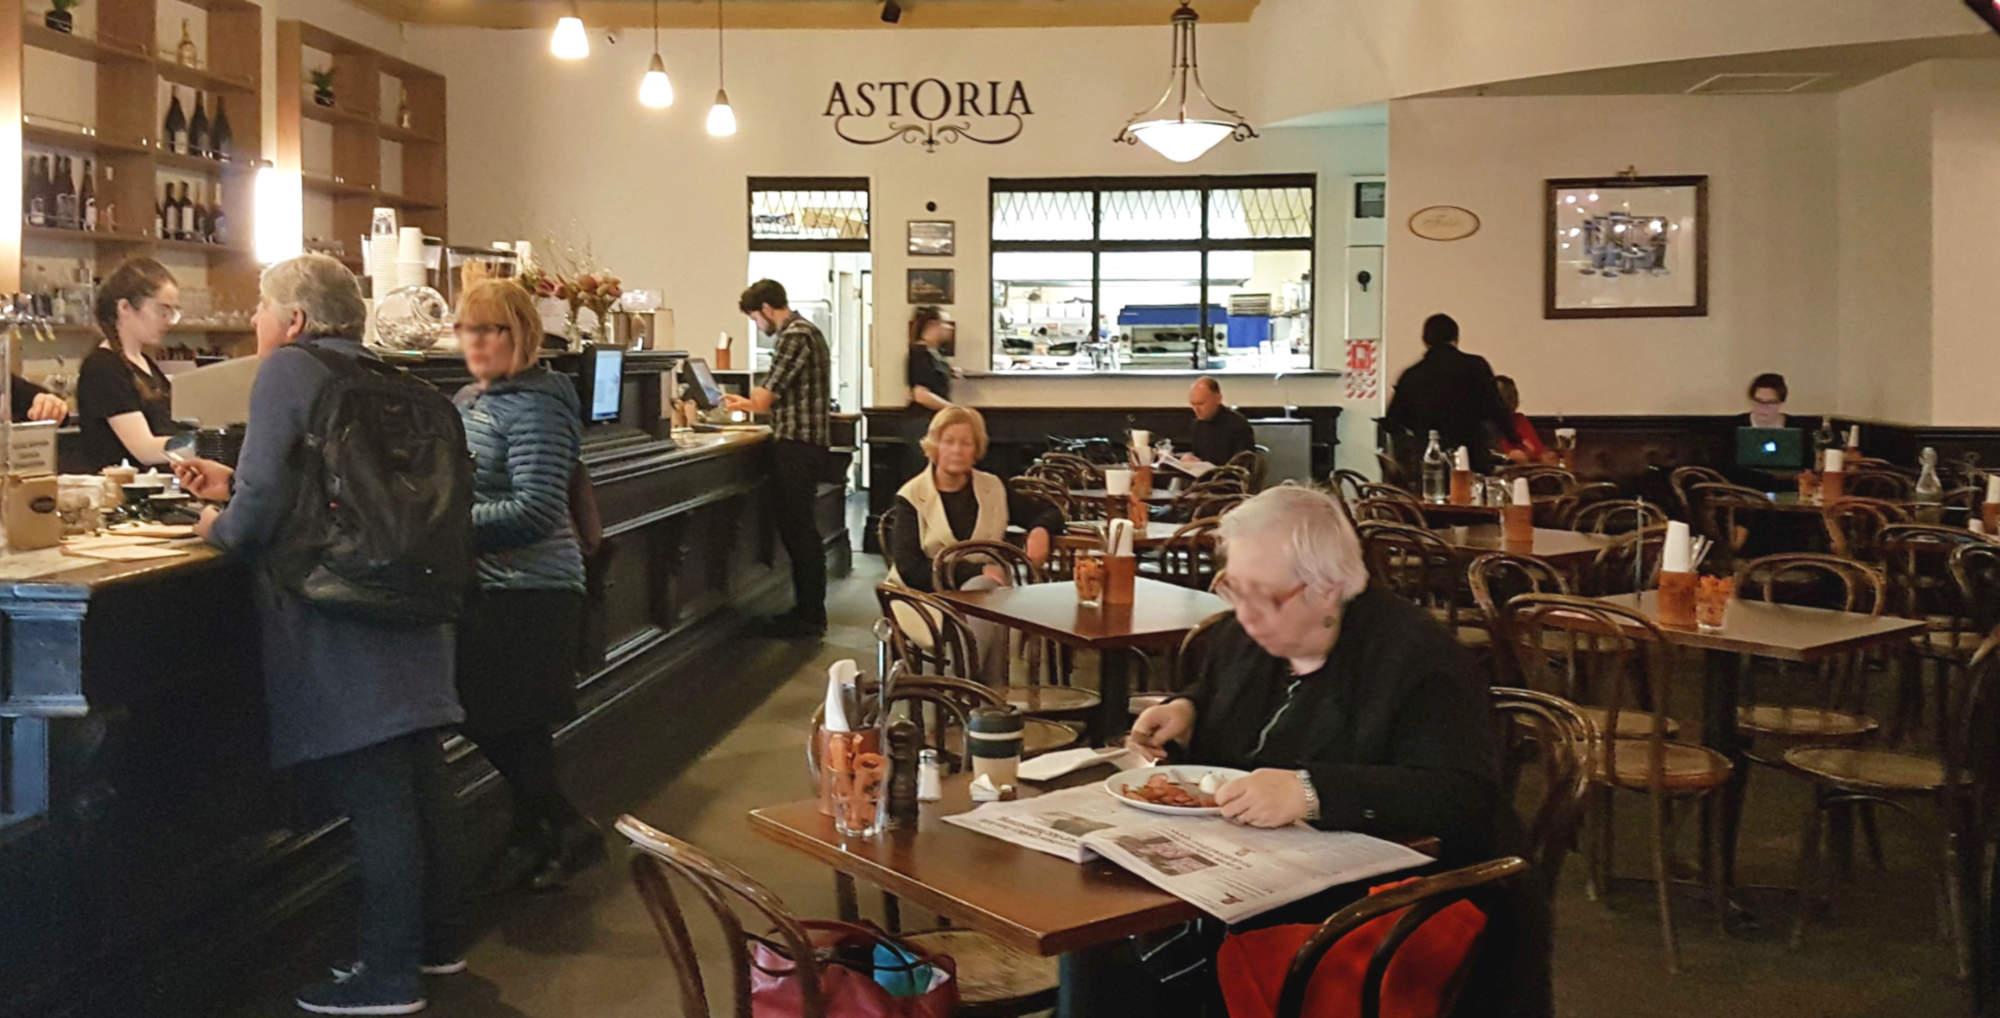 Astoria cafe interior, view along the counter